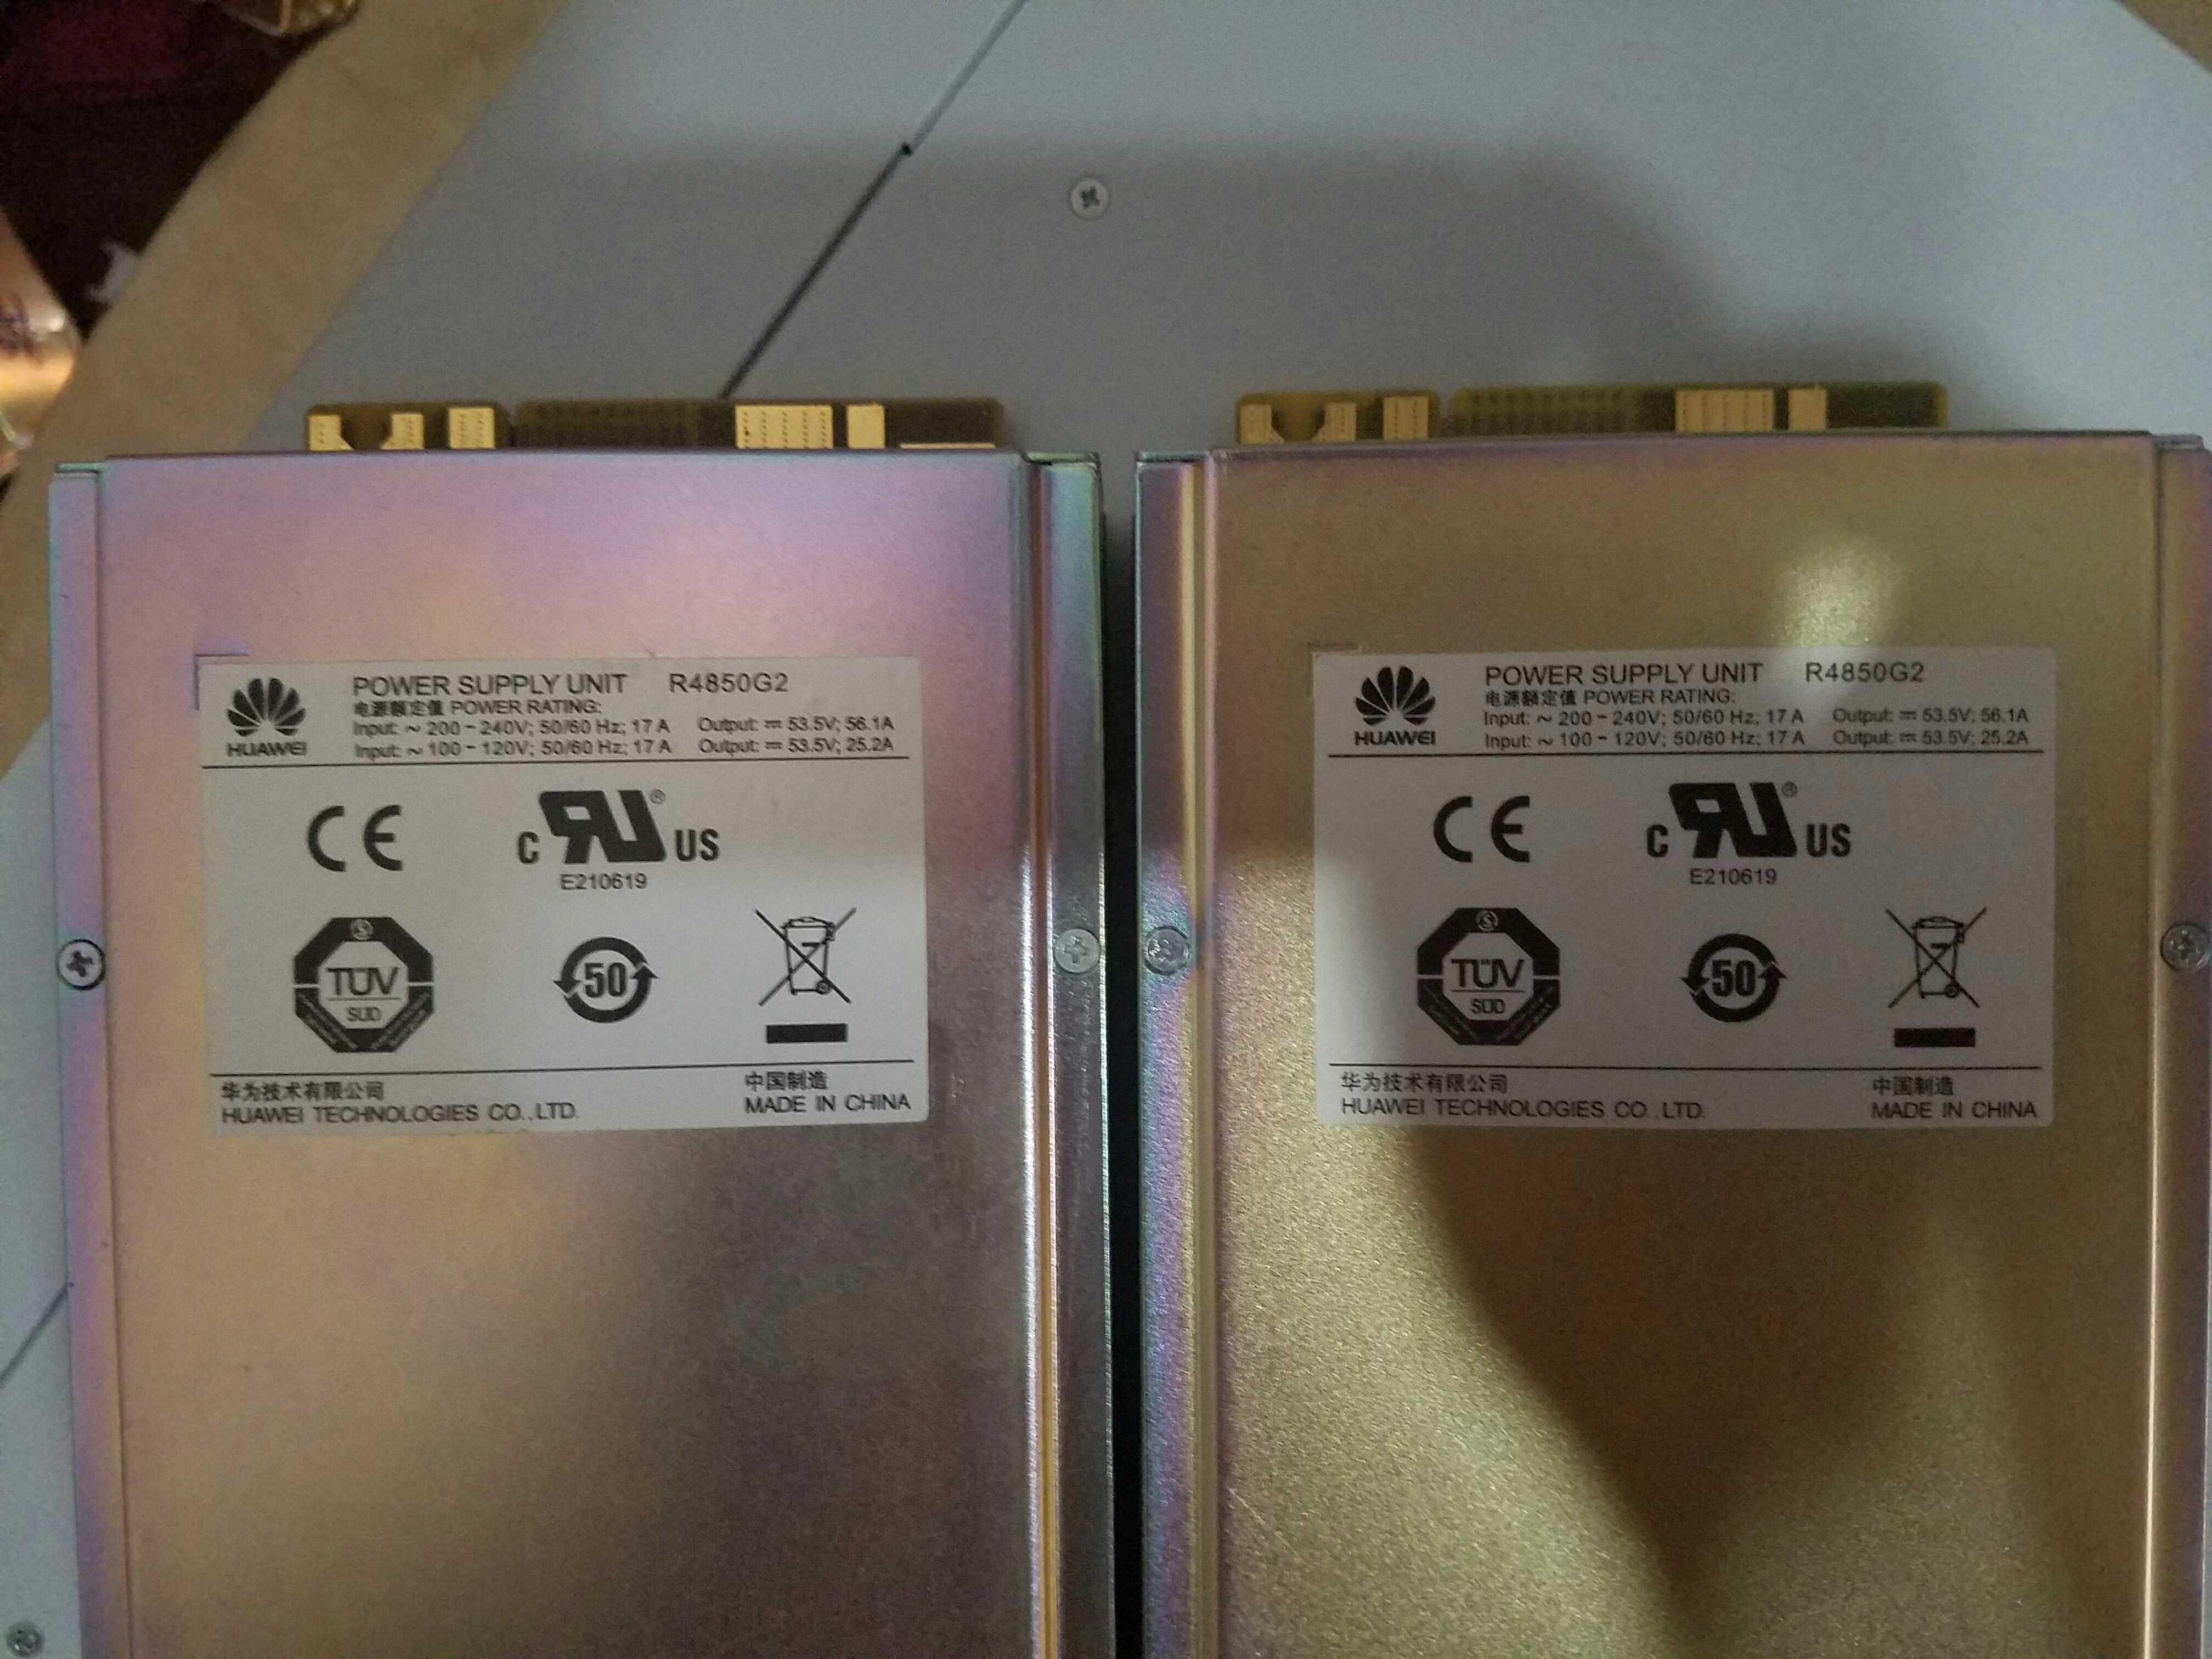 48V/56A R4850G2 SMTE communiction